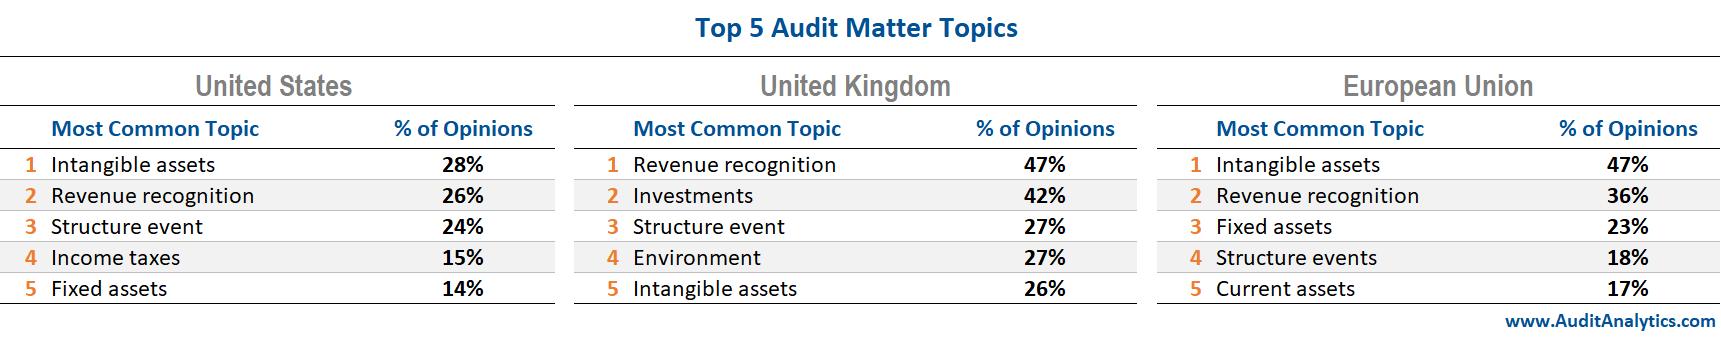 Top 5 Audit Matter Topics